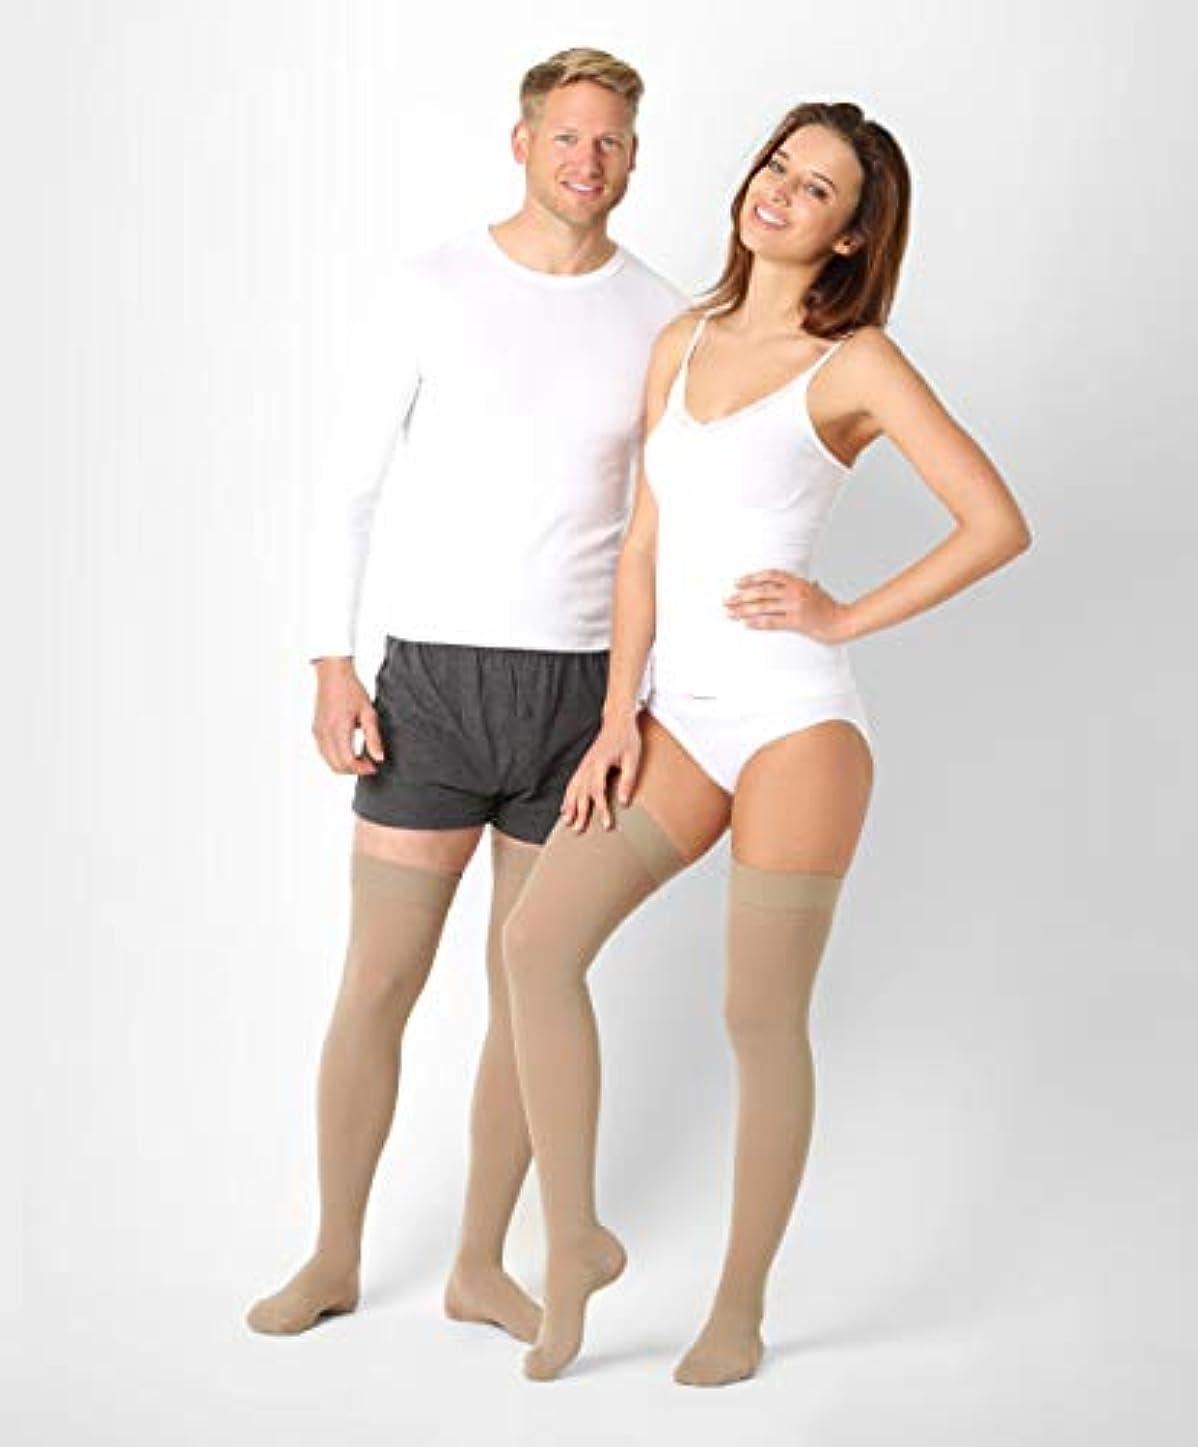 感性腹部エジプト人BeFit24 医療用着圧ストッキング クラス 1 (18-21 mmHg) 男性?女性用 ーあらゆるラ イフスタイルのニーズに対応ー ヨーロッパ製 X-Large Beige